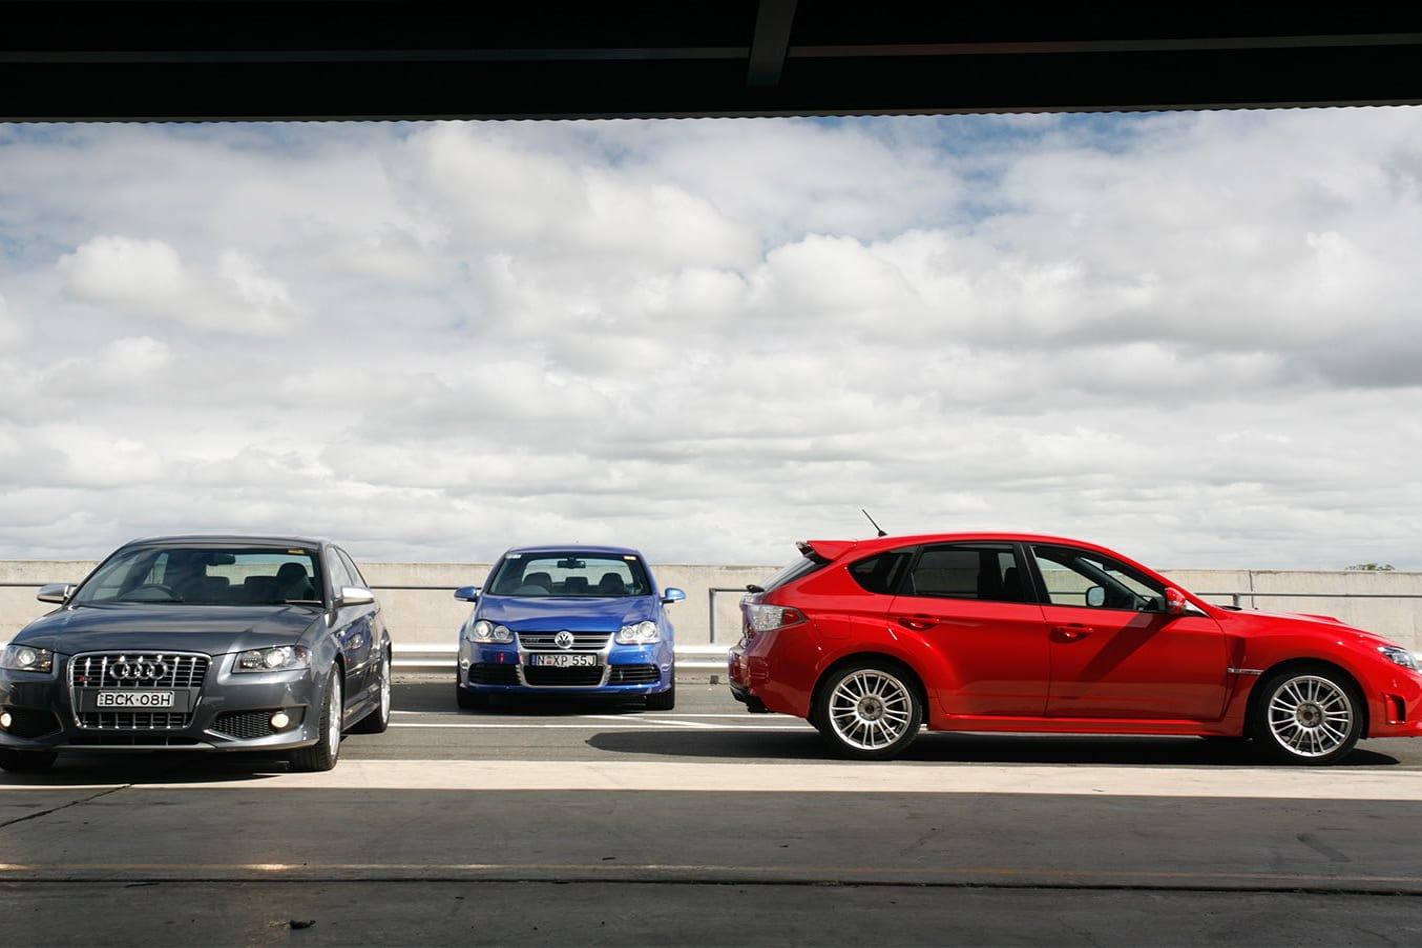 2008 Subaru Impreza WRX STI vs Audi S3 vs Golf R32